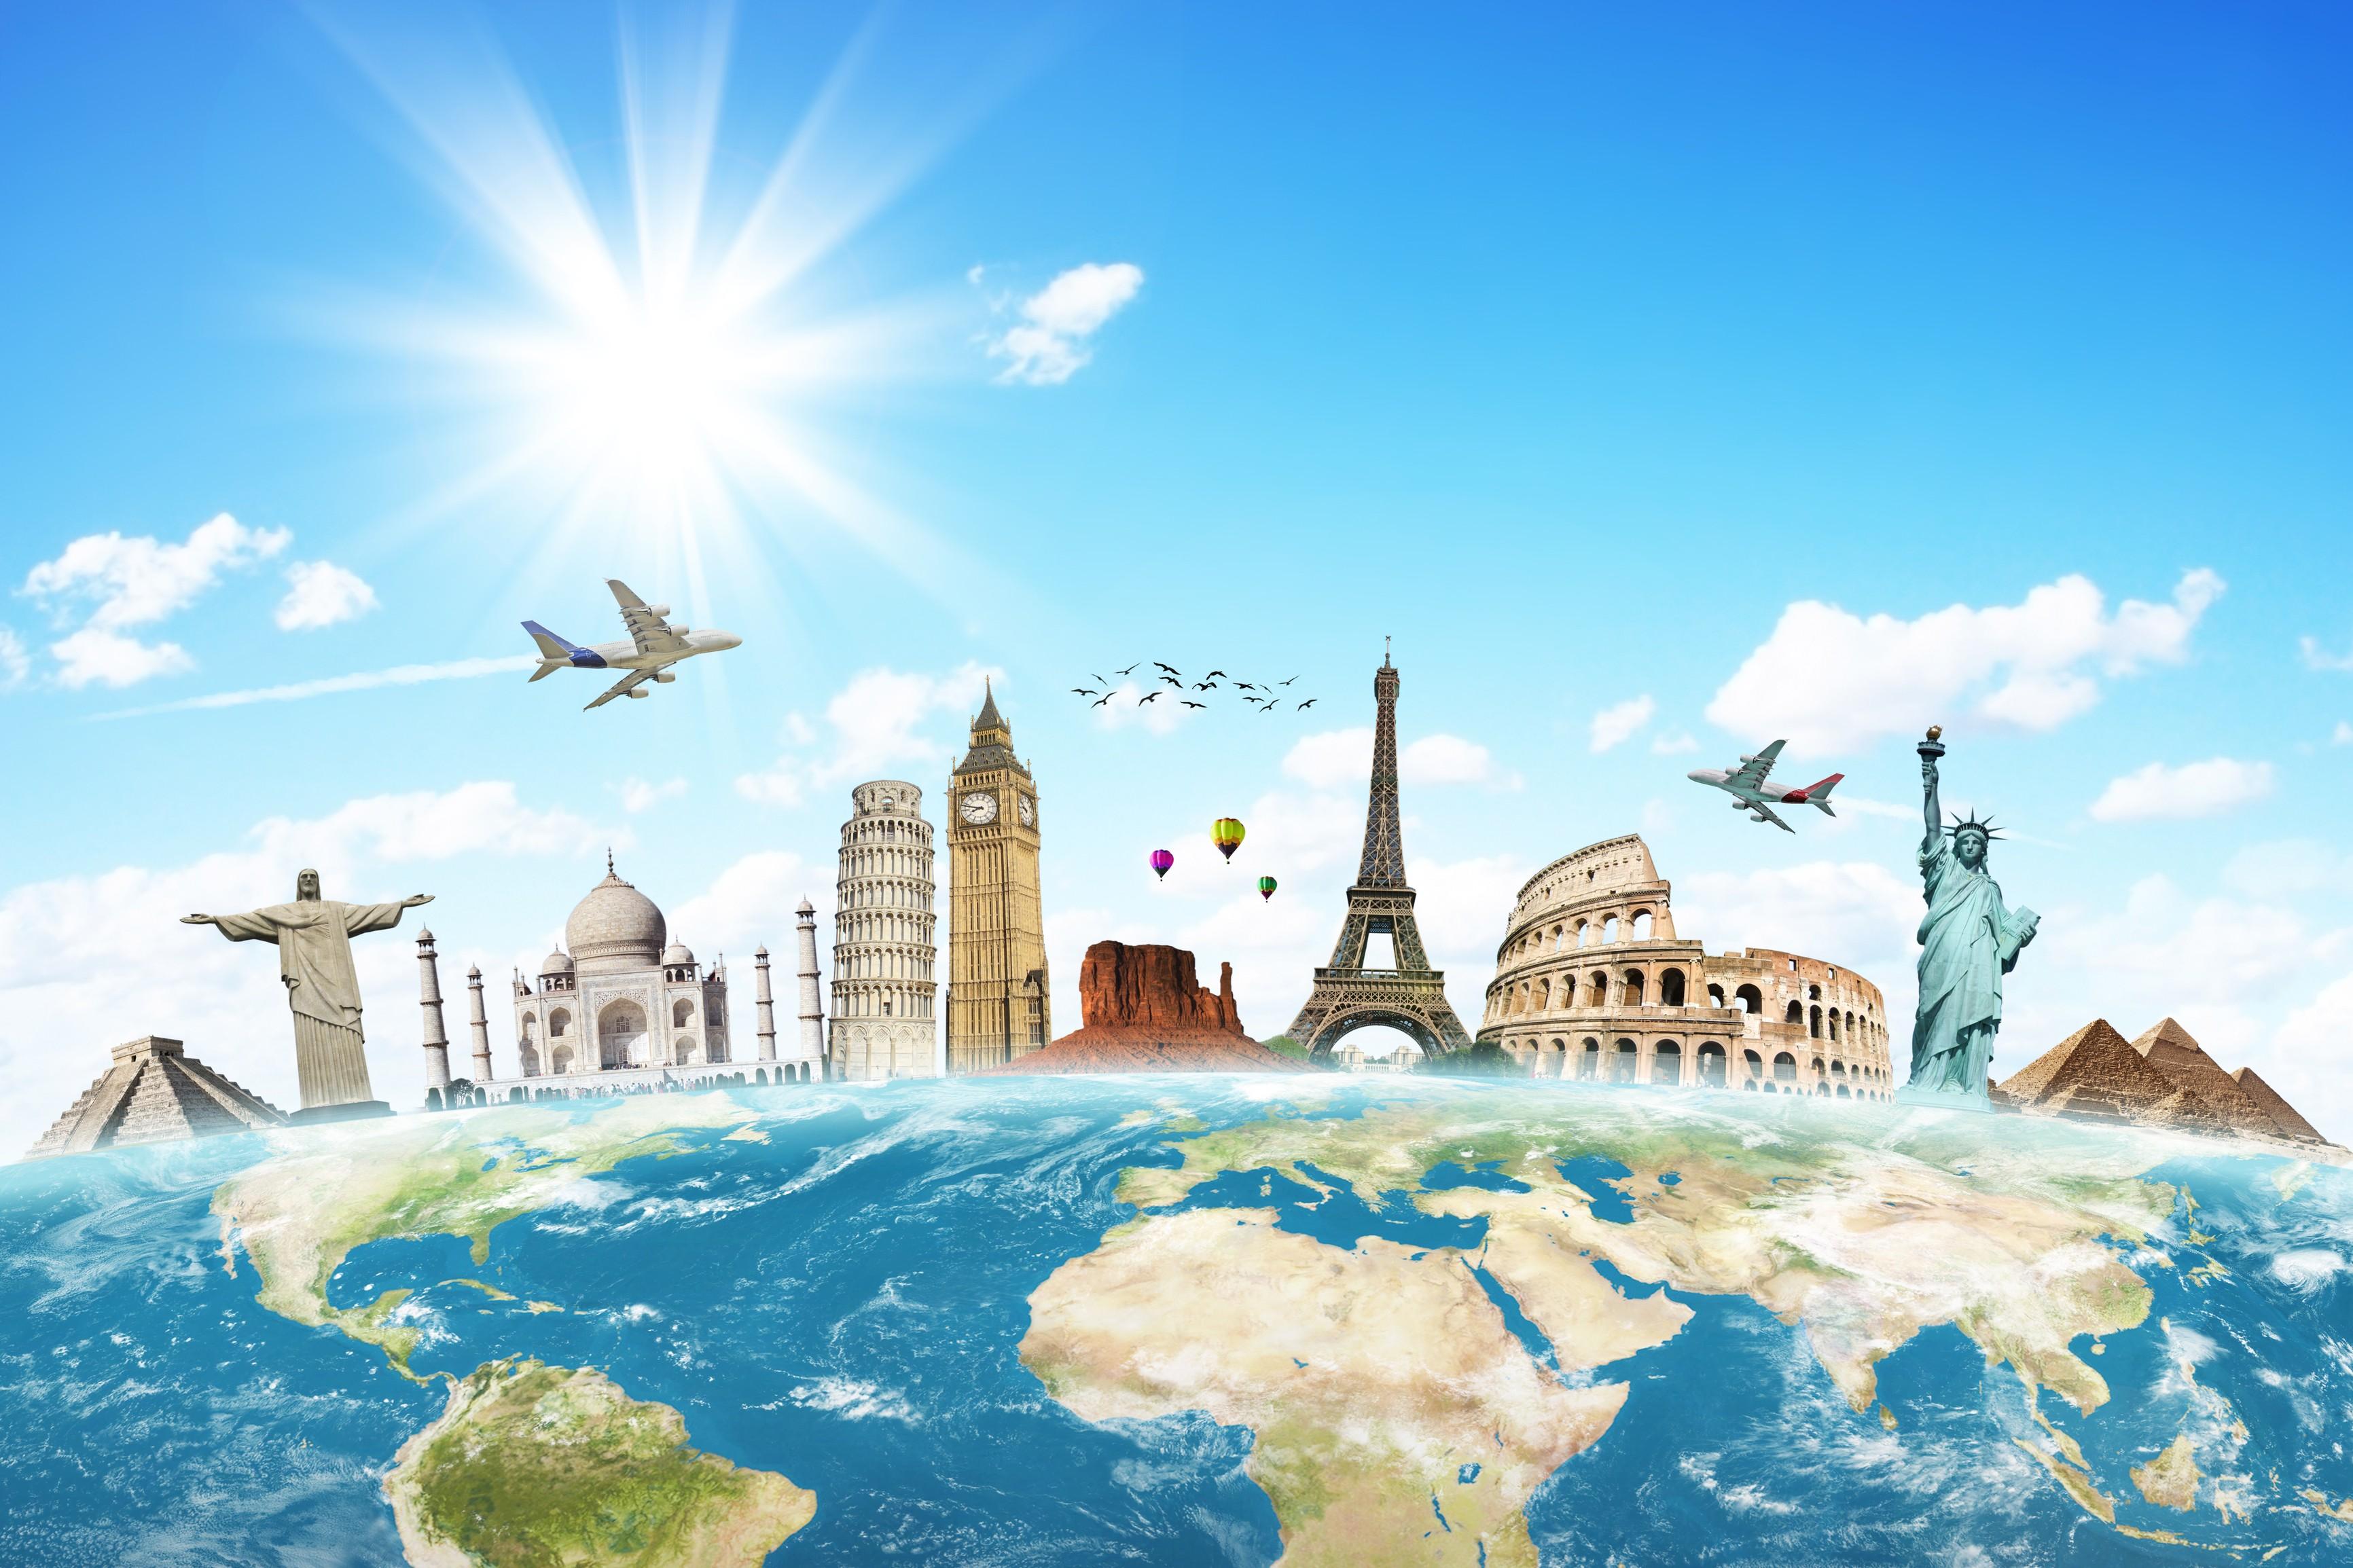 Estudiar Turismo hoy día | ¿Hay futuro en esta carrera?